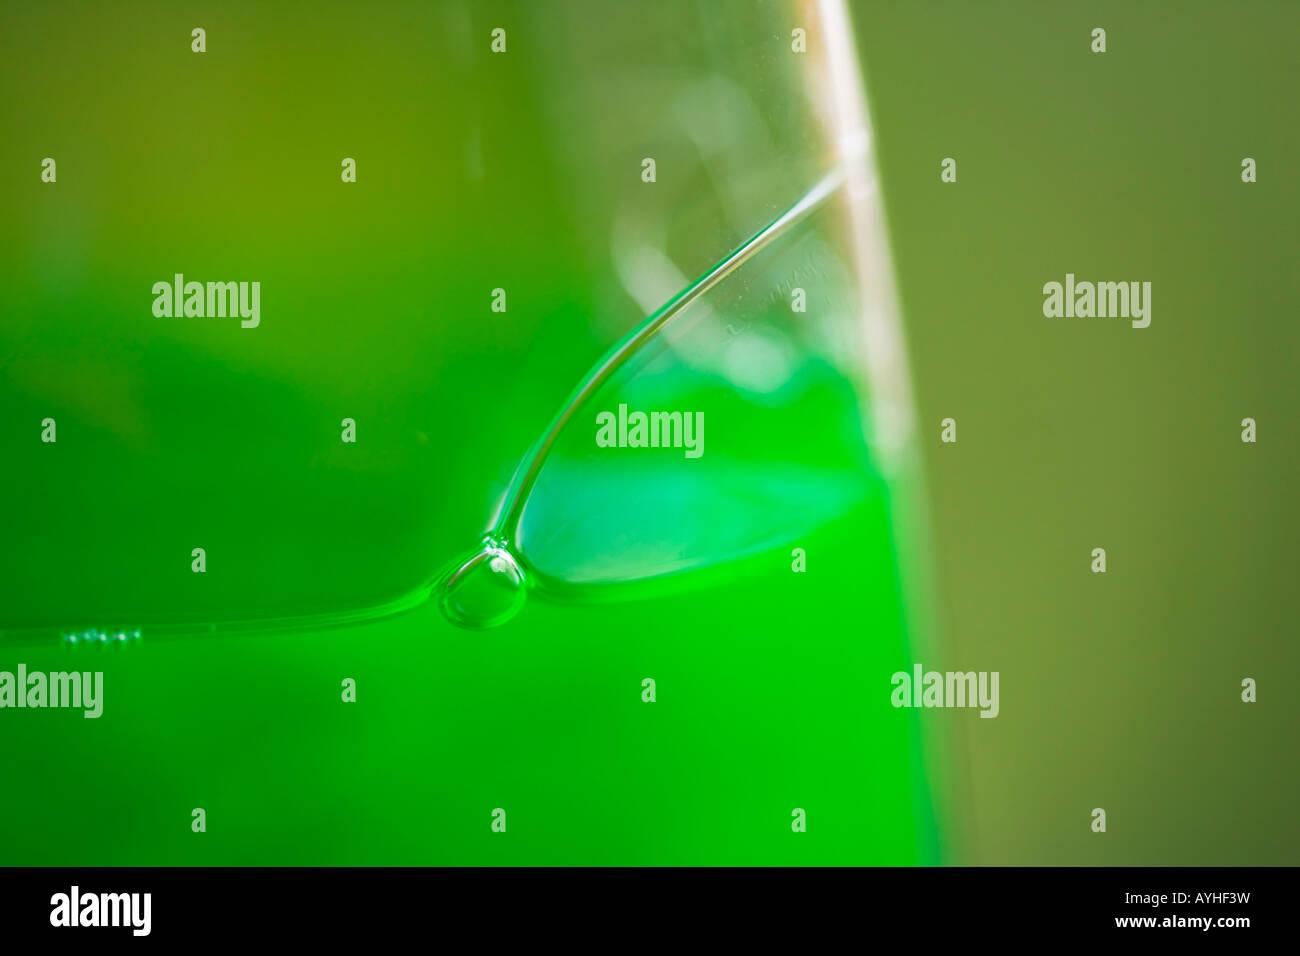 Green detersivo liquido in una bottiglia di plastica Immagini Stock